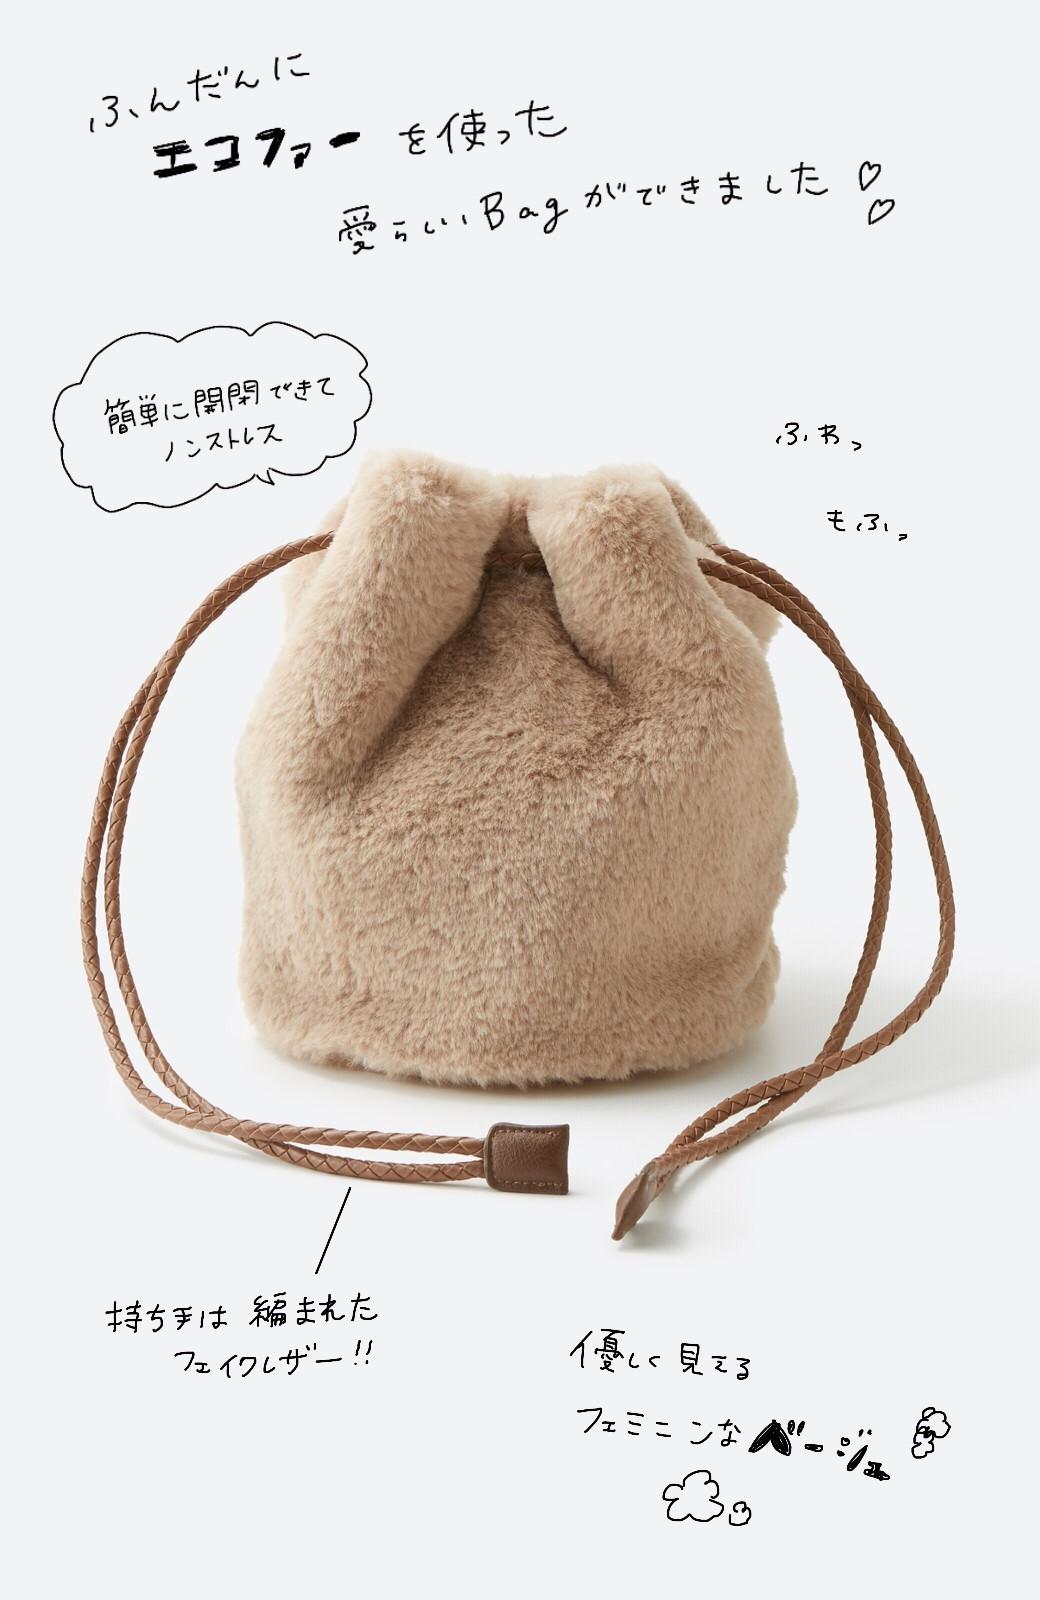 haco! いつものコーデに合わせるだけでぐっと華やぐエコファー巾着バッグ <ベージュ>の商品写真2